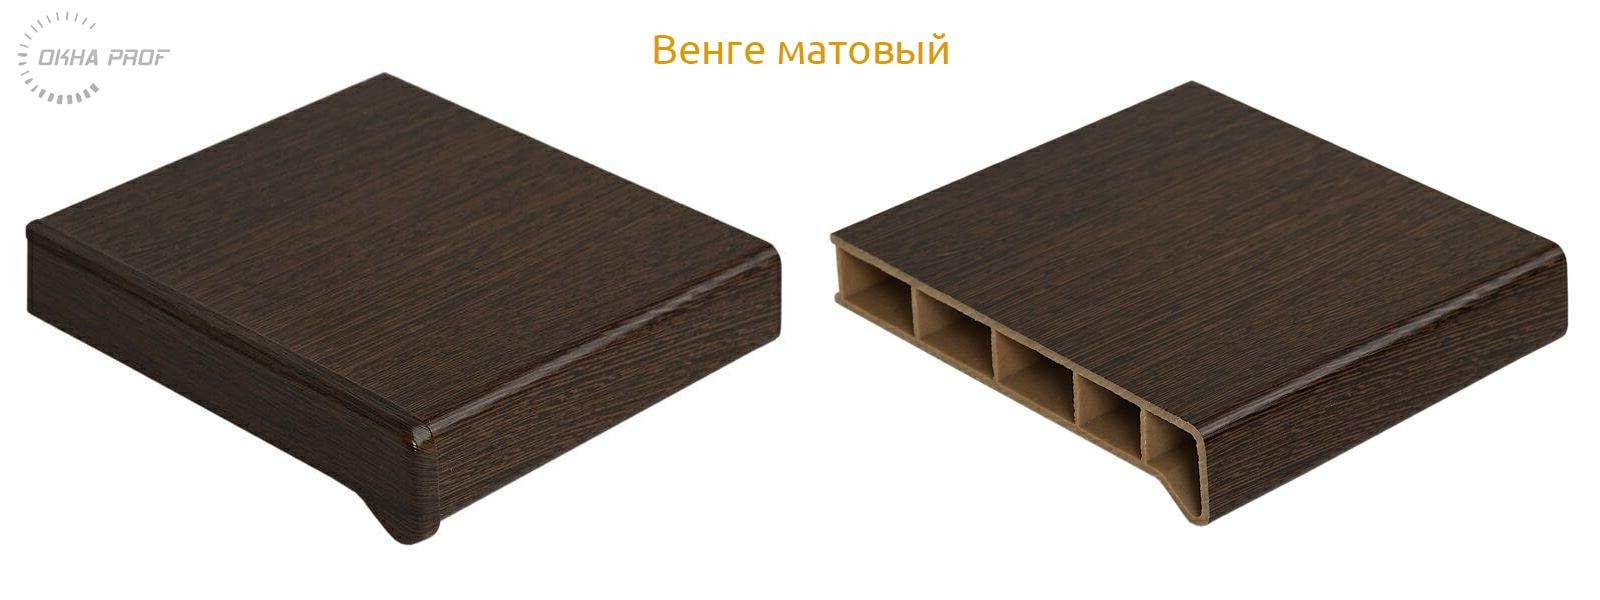 podokonnik-decor-donetsk-oknaprof-moeller-007